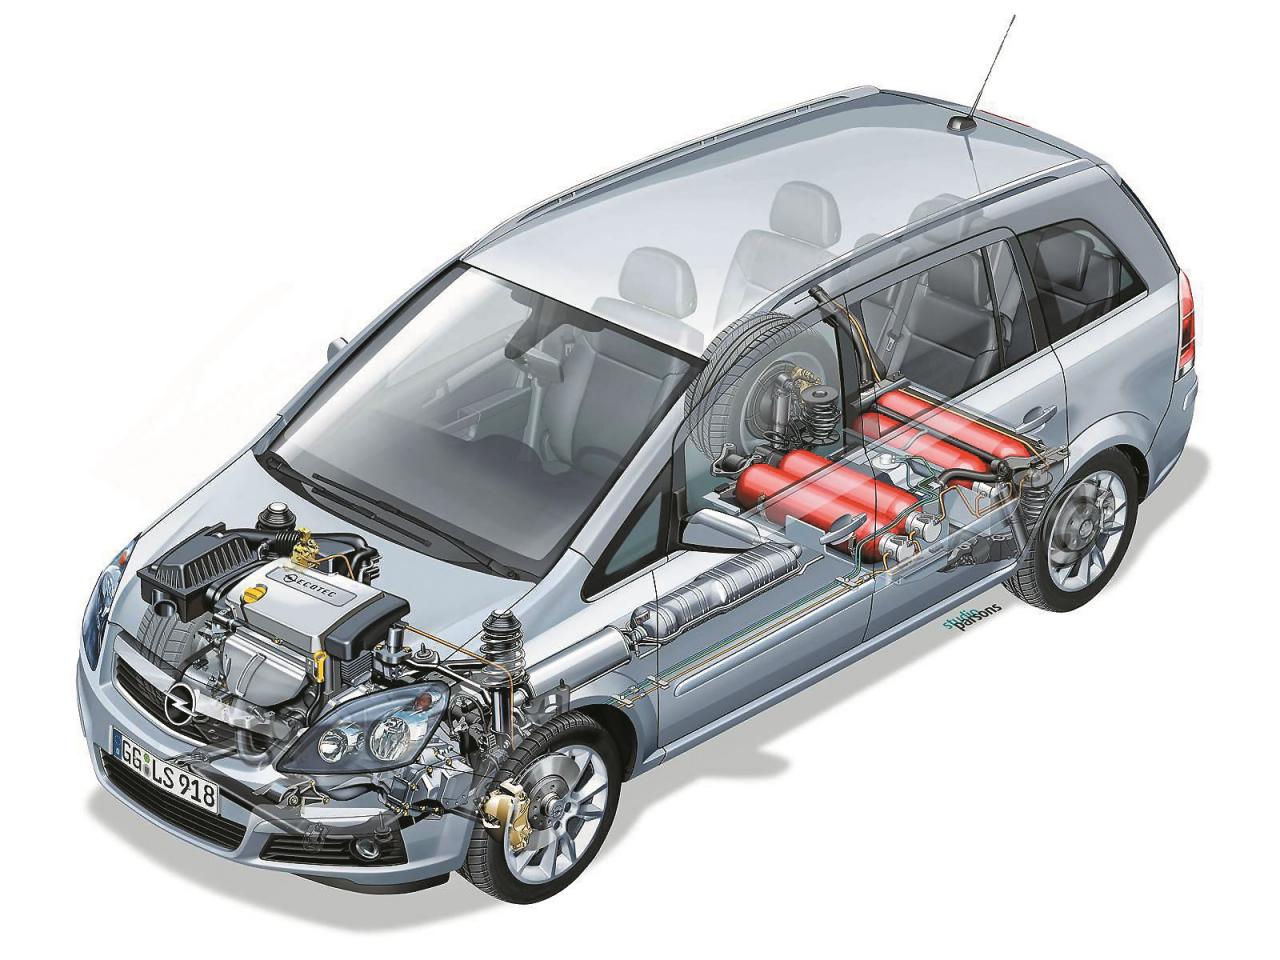 Visu paaudžu Opel Zafira modeļiem CNG baloni novietoti zem virsbūves grīdas.